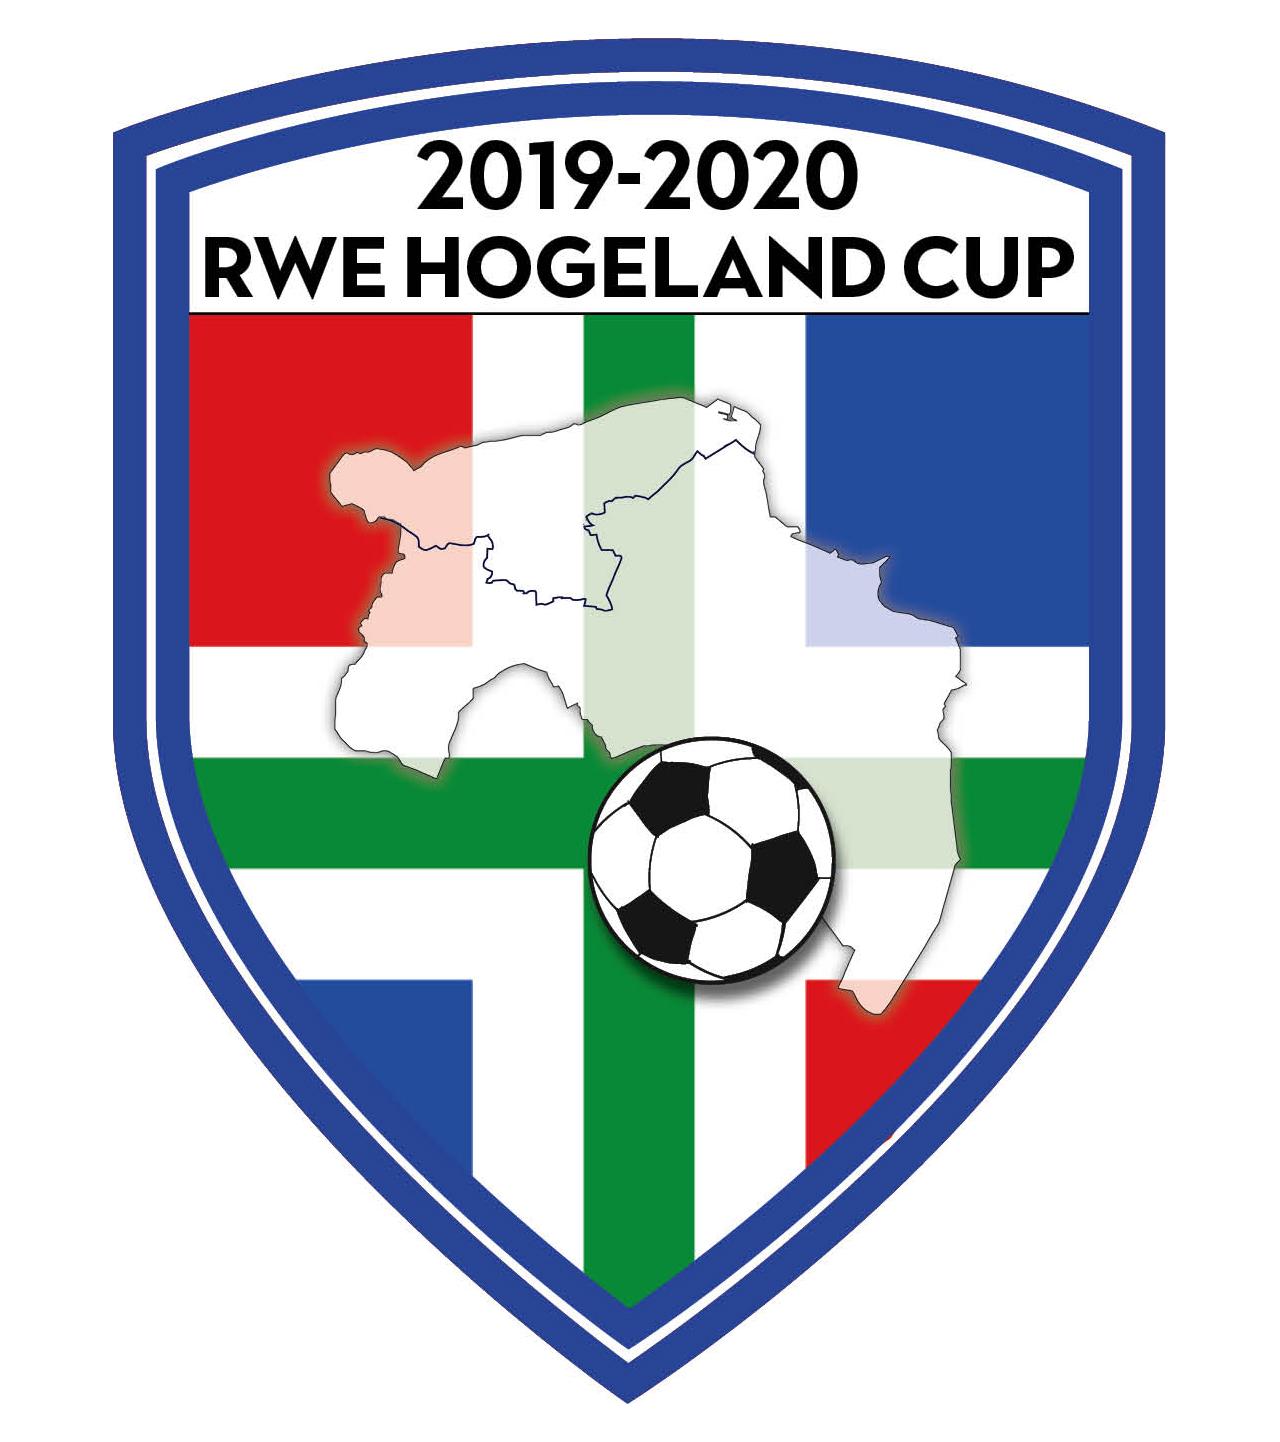 Corenos wed op twee paarden tijdens RWE/ Hogeland Cup